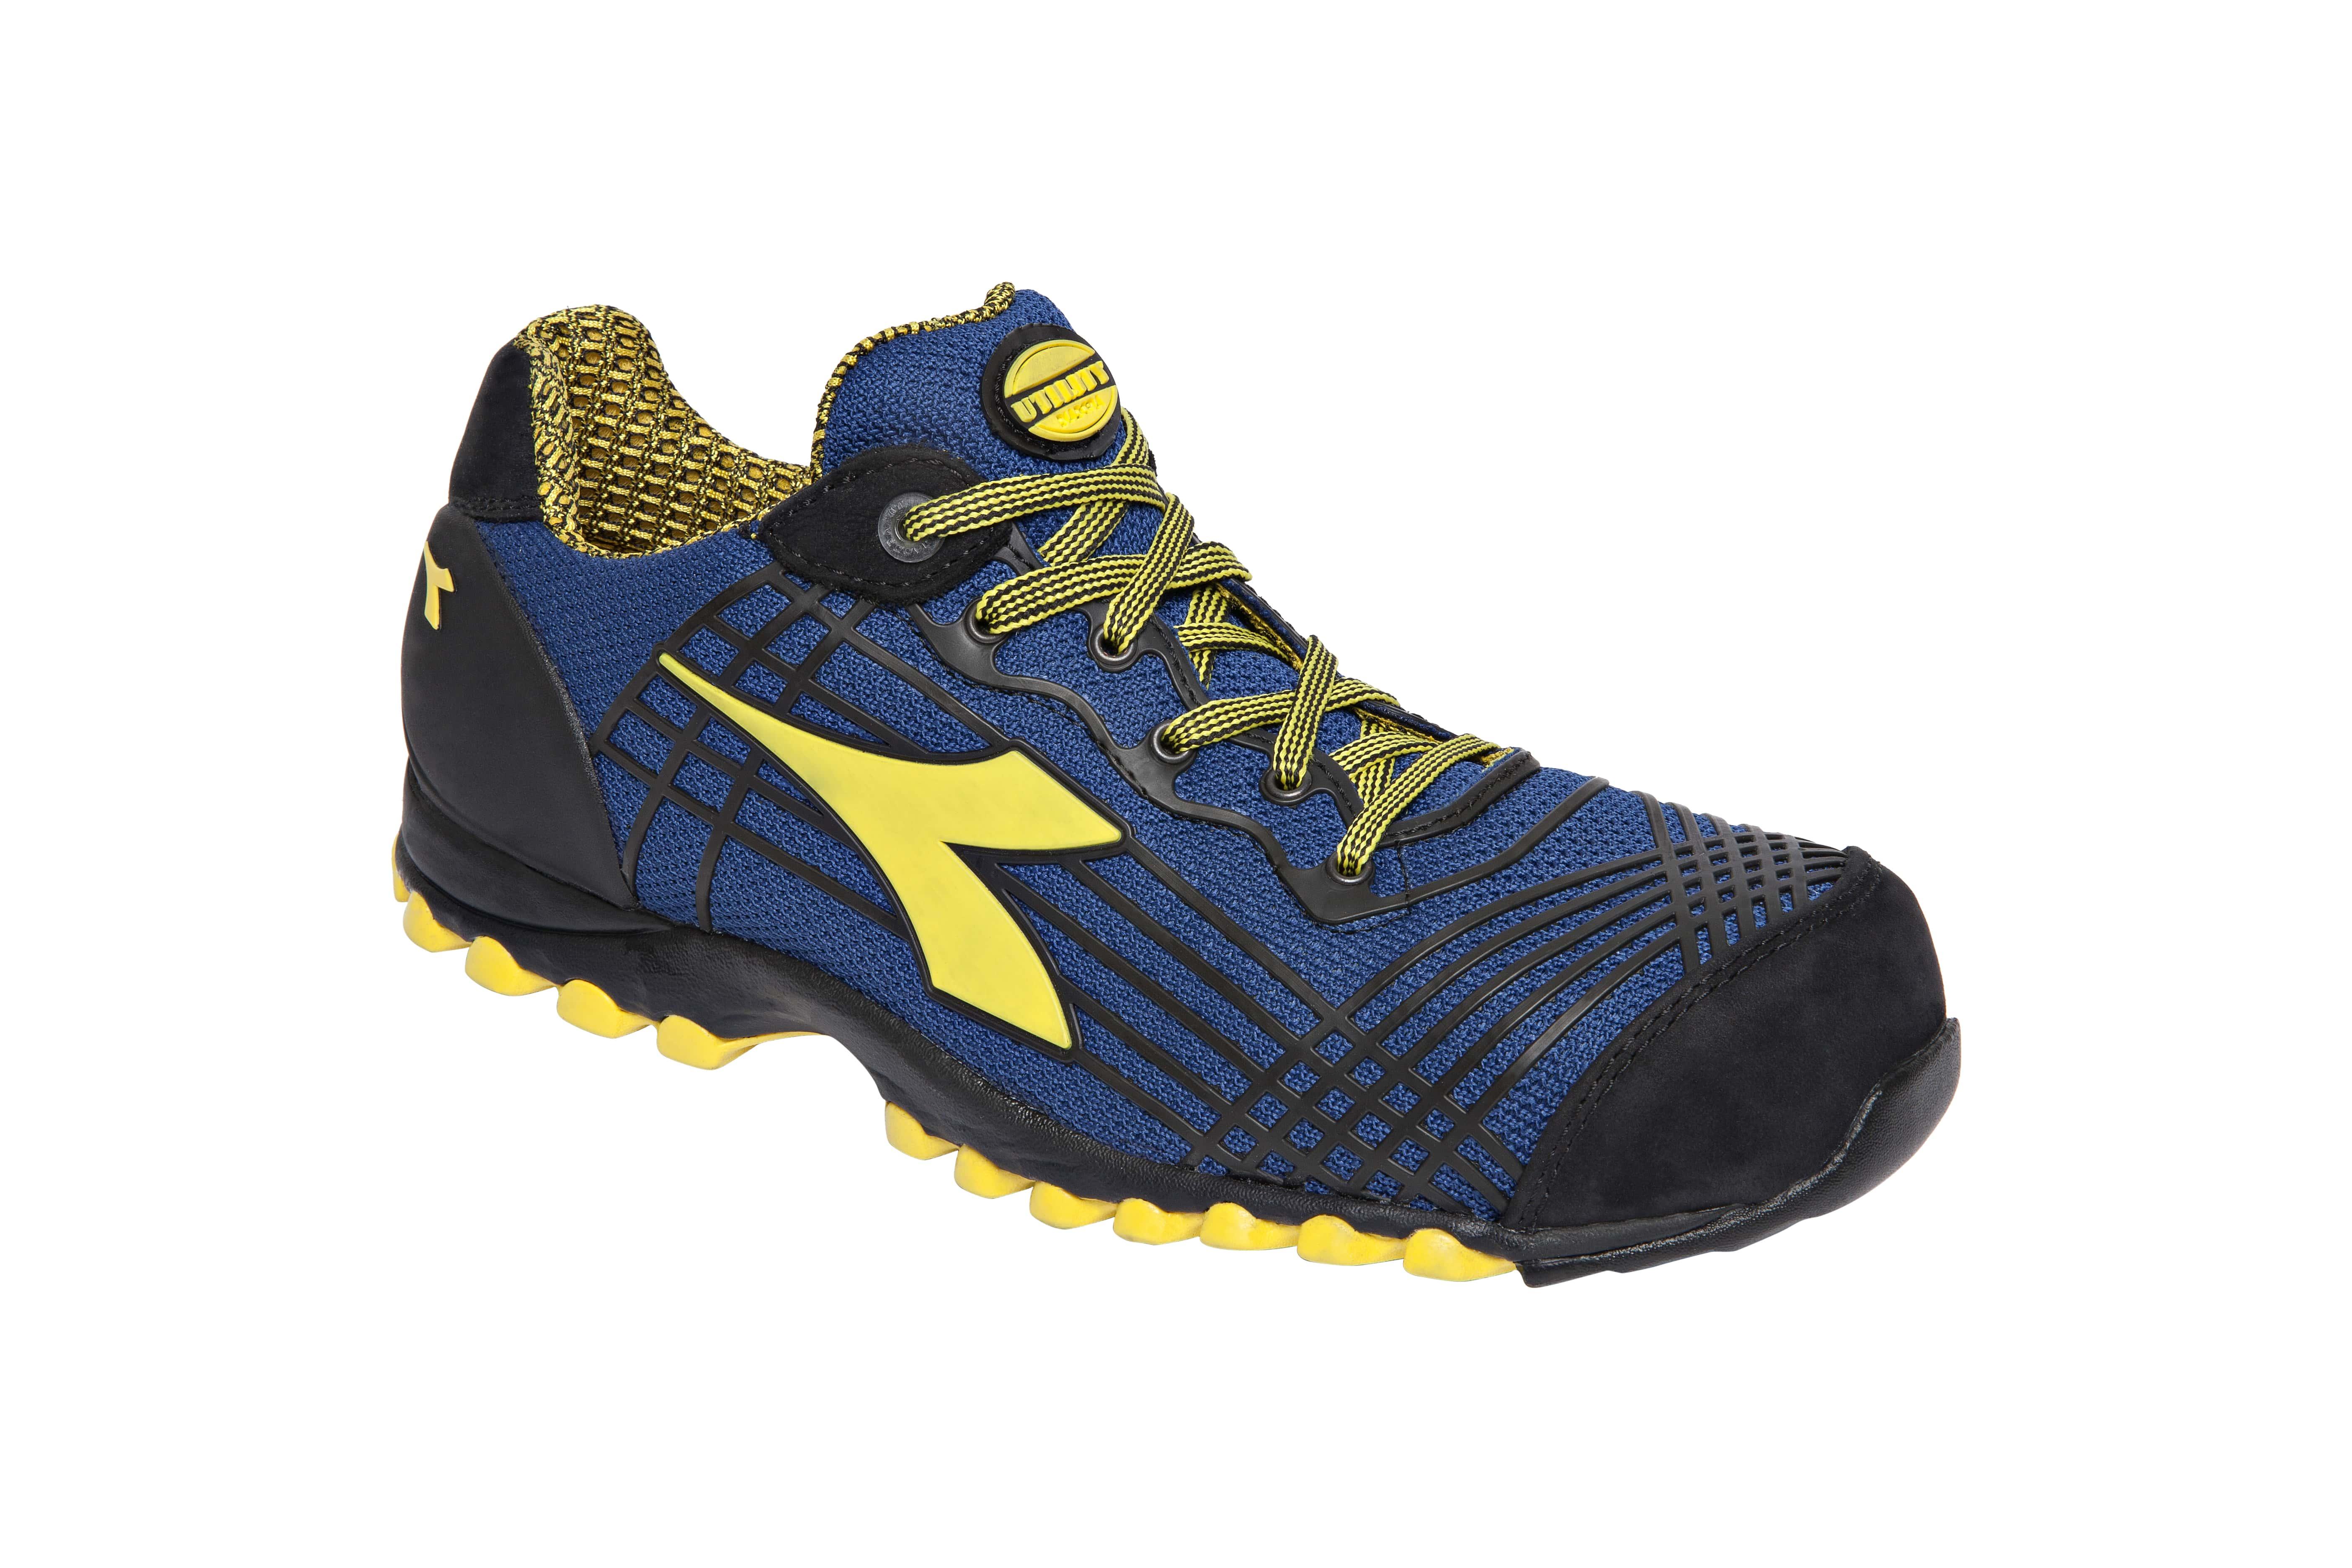 Y Calzado Protección De Y Calzado De Seguridad Protección TlK1J3uFc5